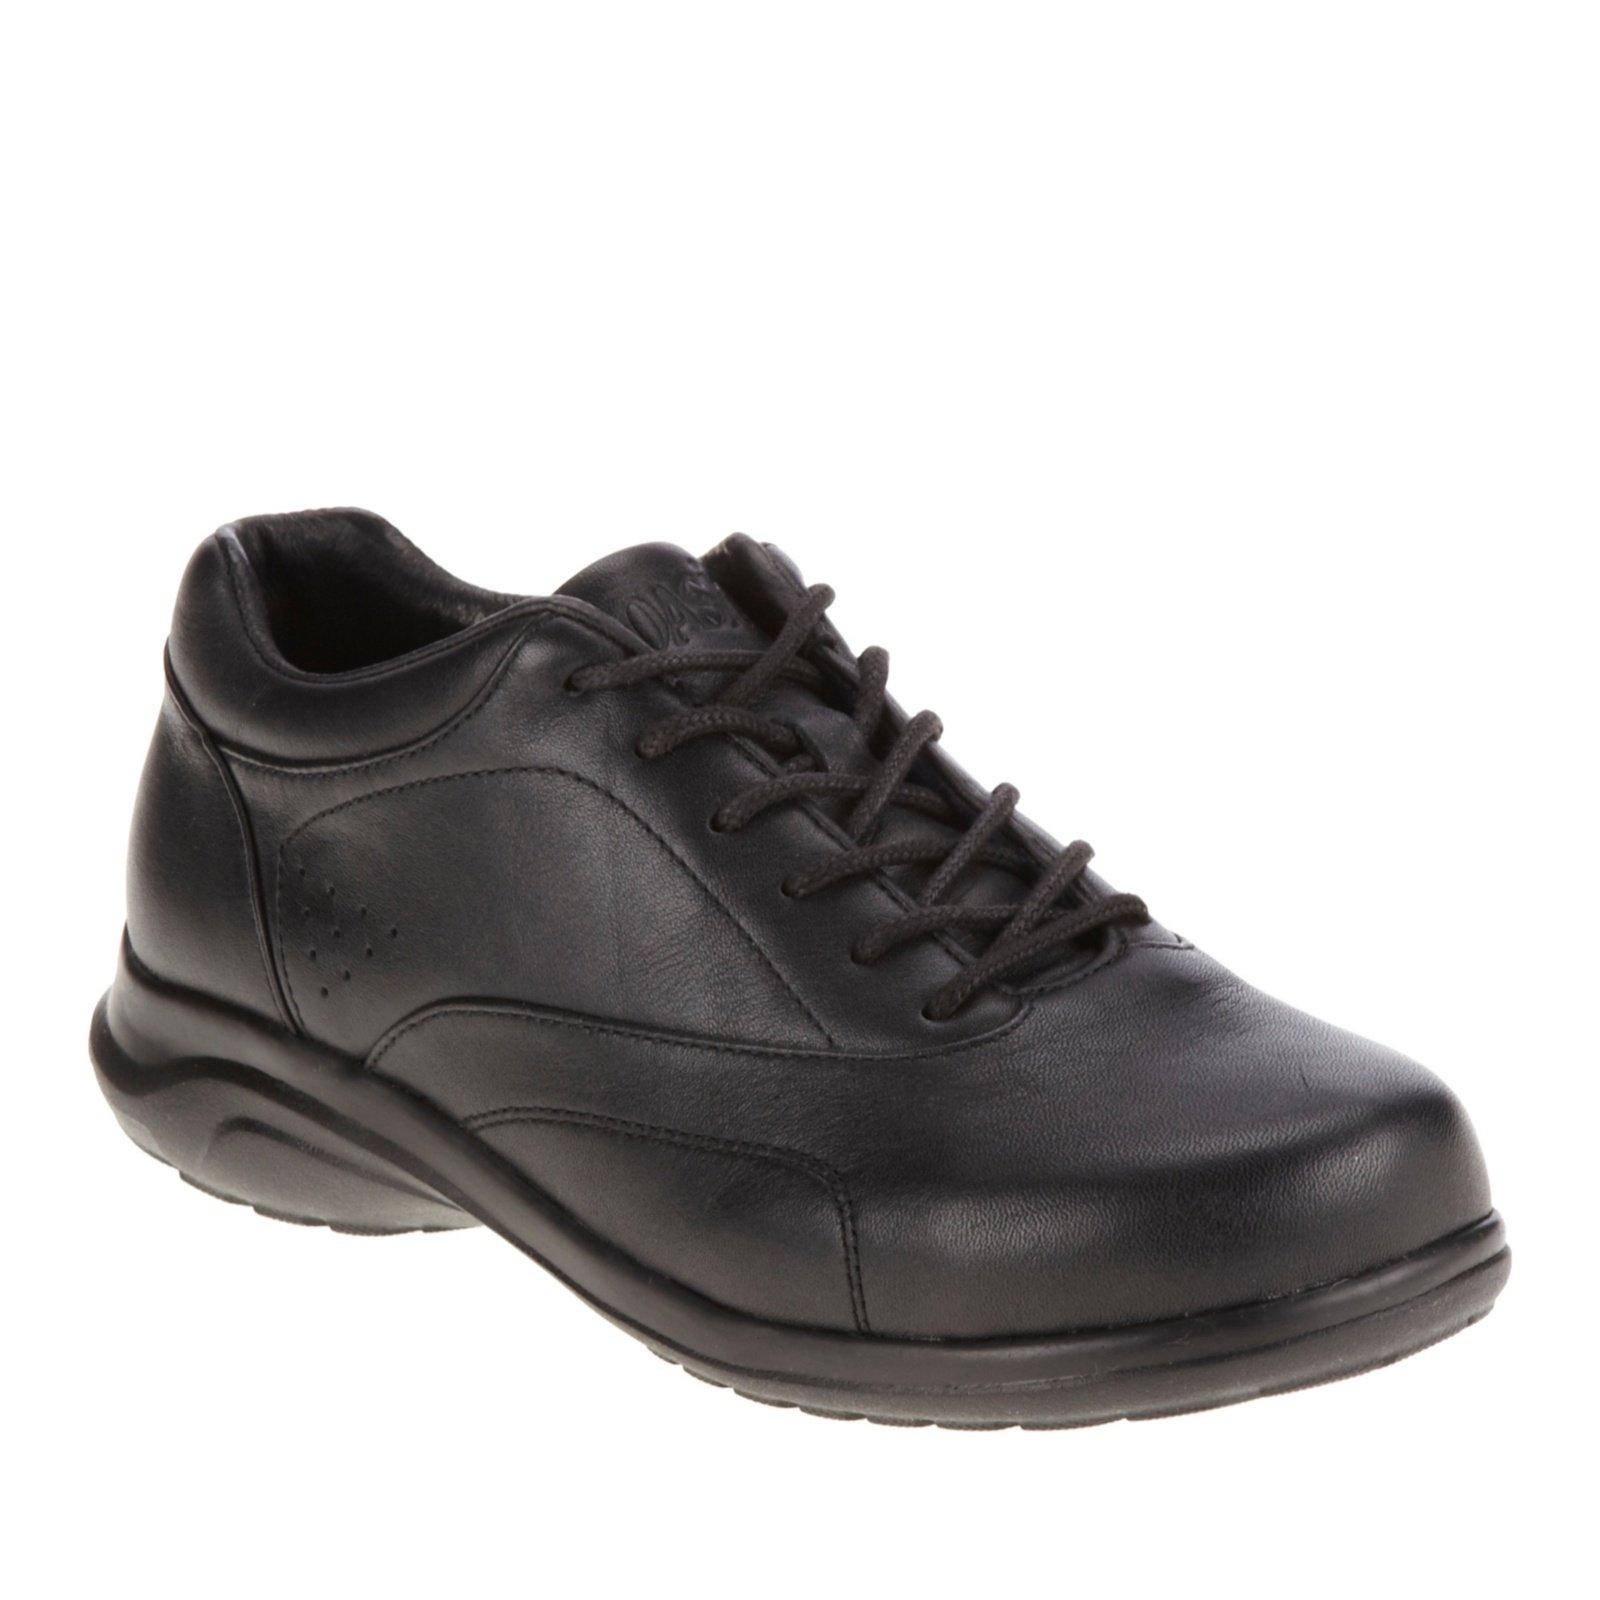 Oasis Women's Leela Lace-Up Oxford Shoes, Black, 6 M/C-D